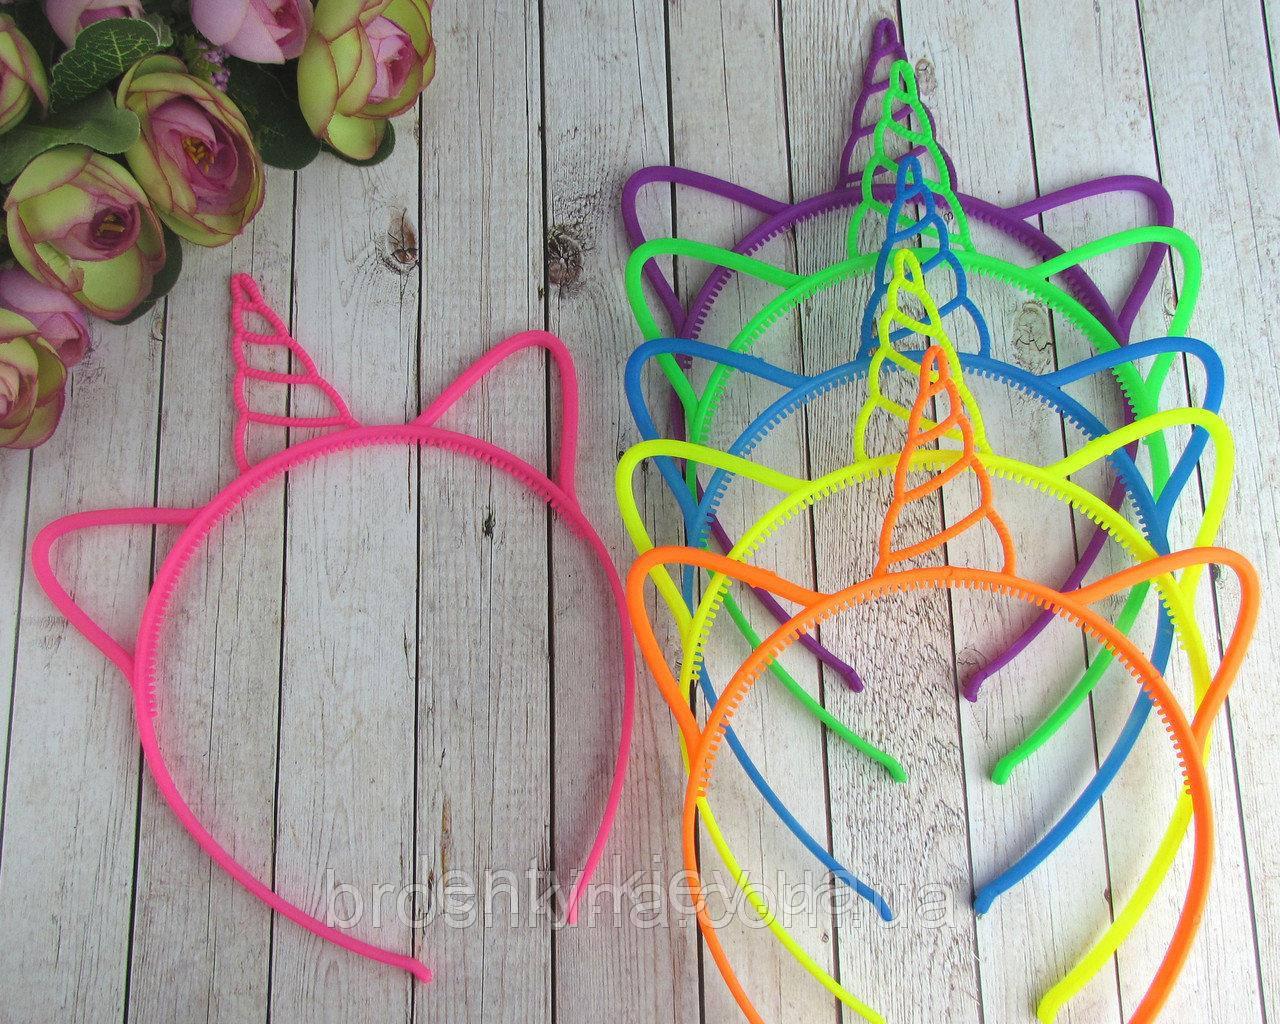 Ободок Обруч на голову Единорог (разноцветные) Пластик -